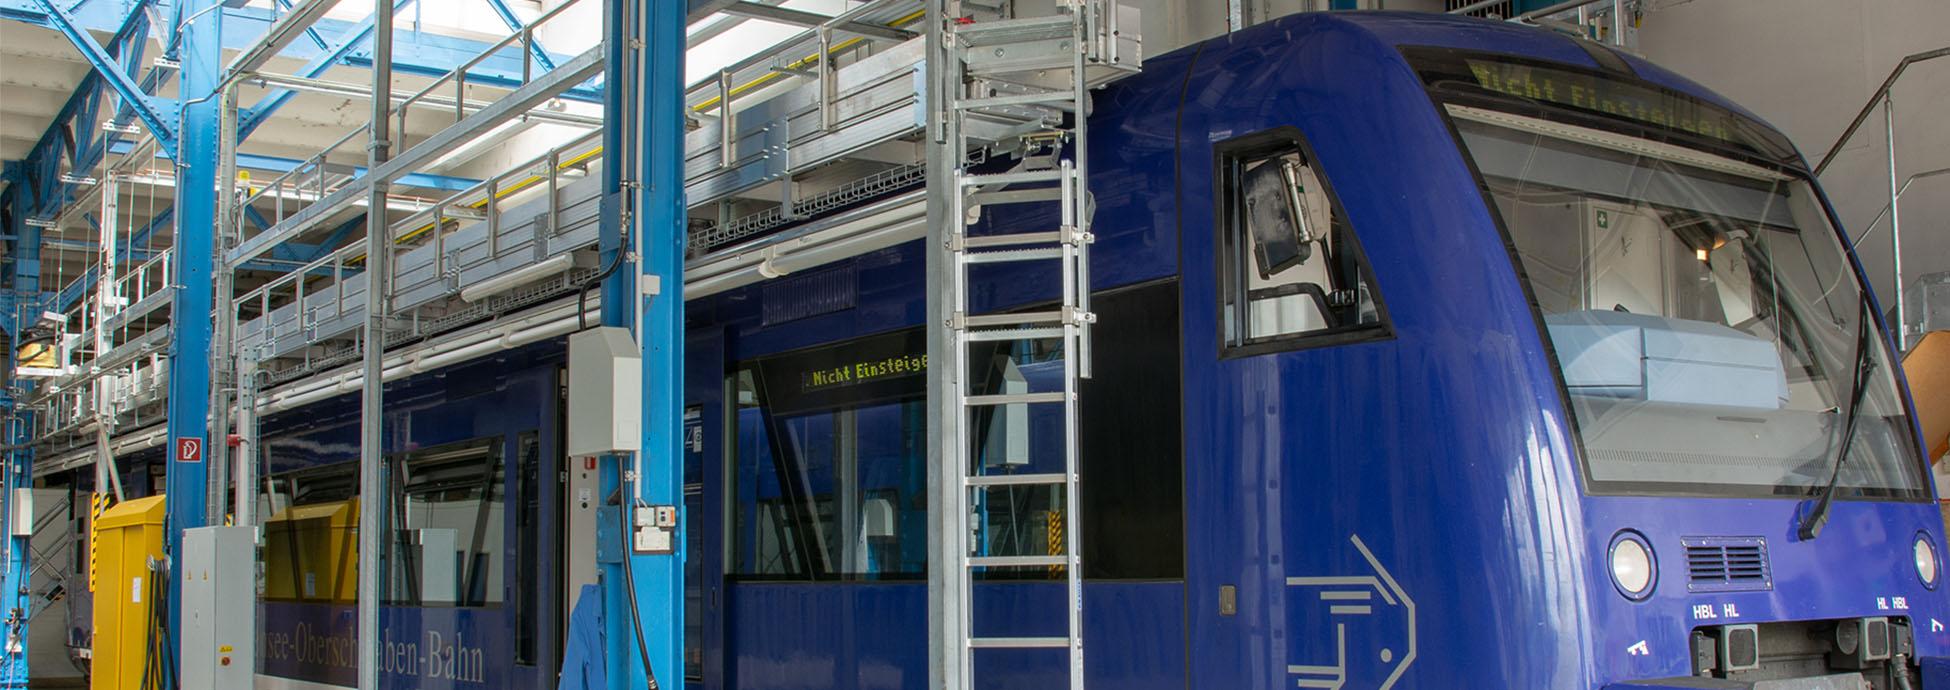 Dacharbeitsstand mit elektrischen Ausschüben und Treppenzugang